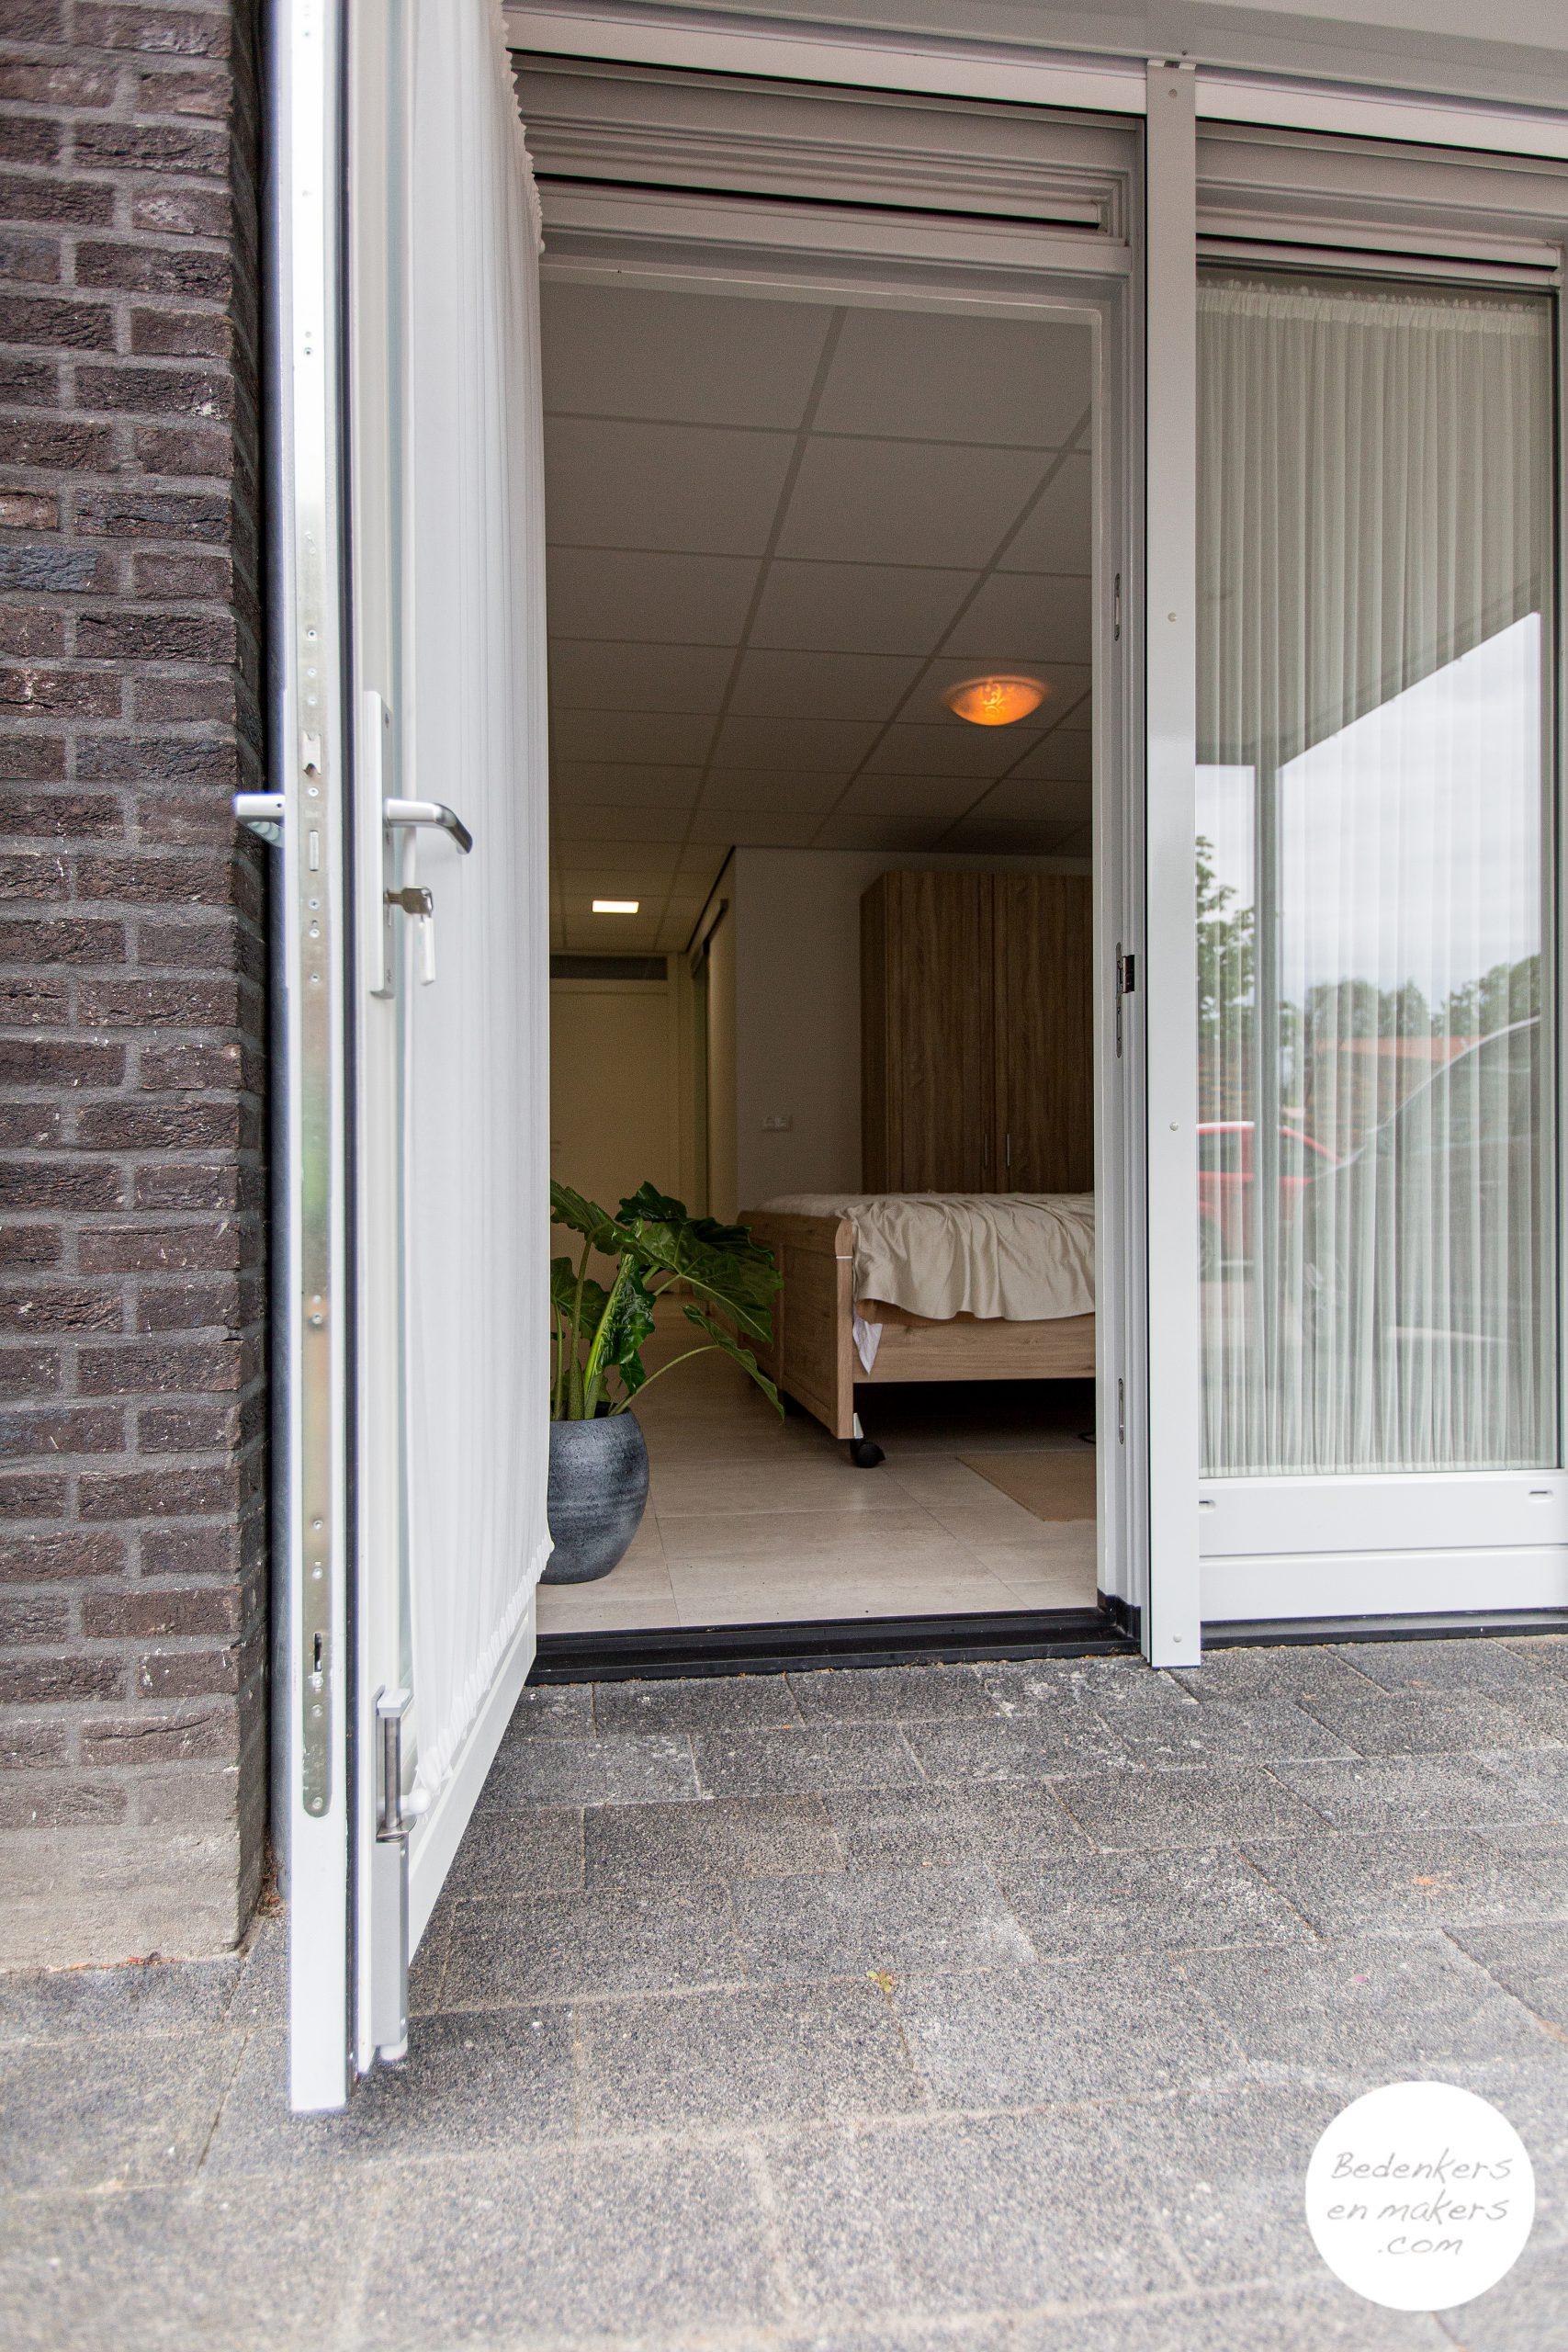 De garage werd levensloopbestendig verbouwd tot een slaapkamer en badkamer op de begane grond S20C213301